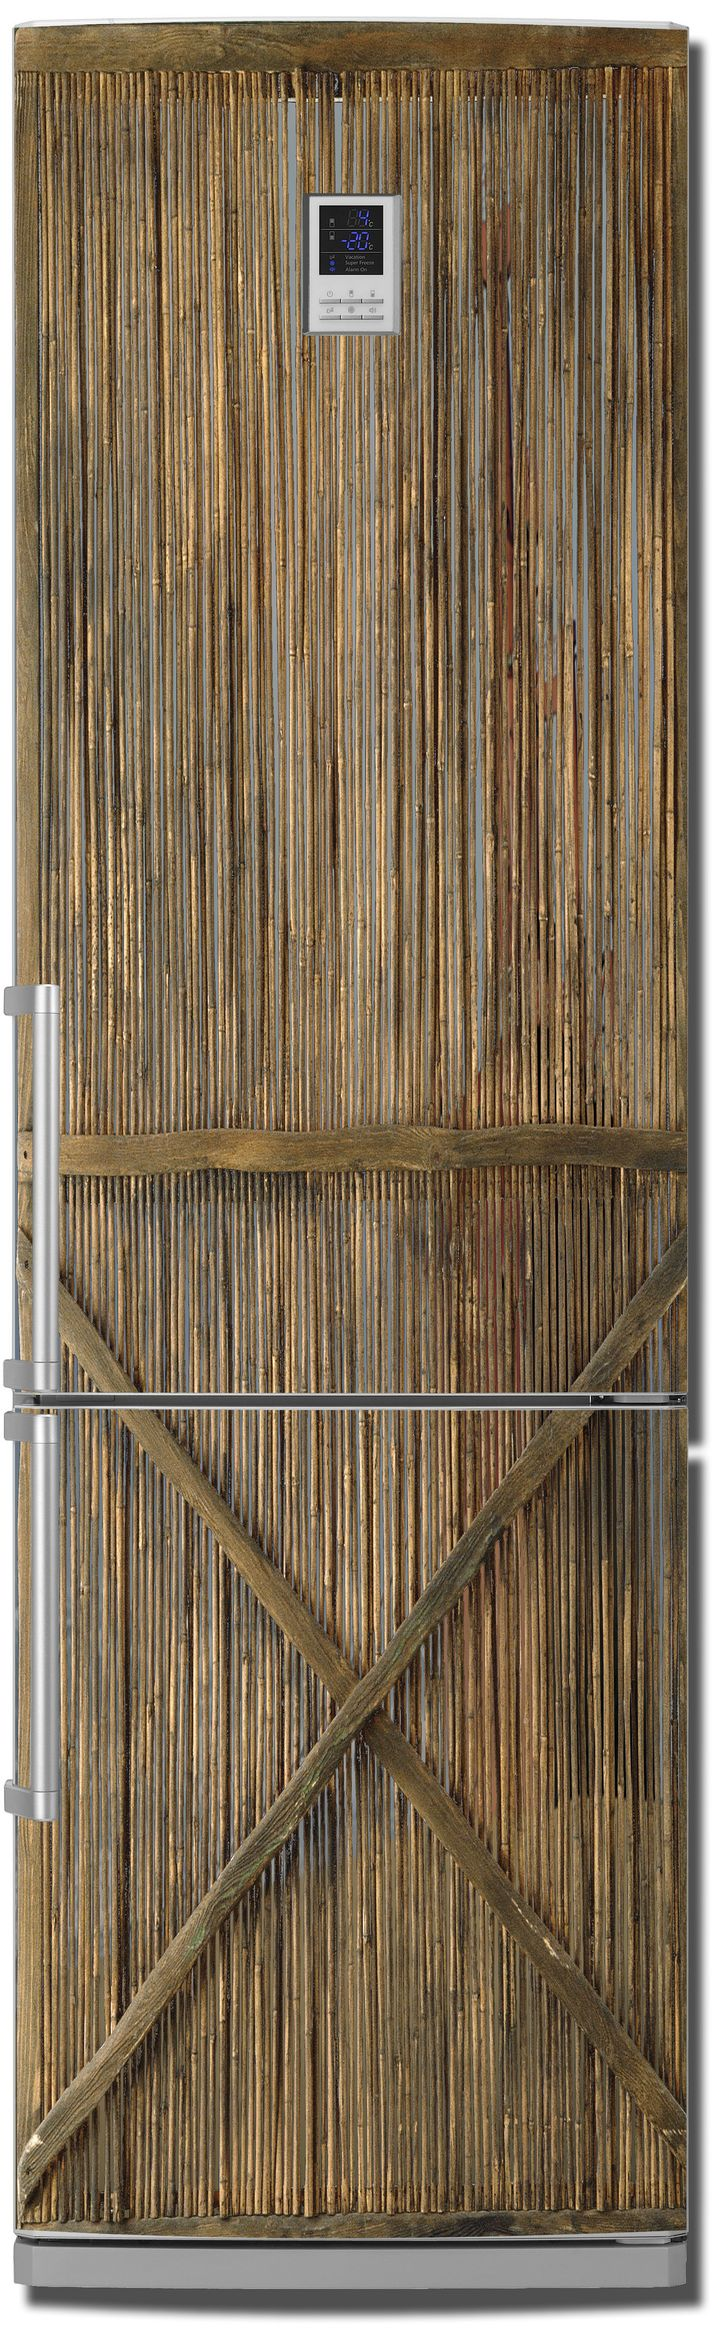 Виниловая наклейка на холодильник - Тростник